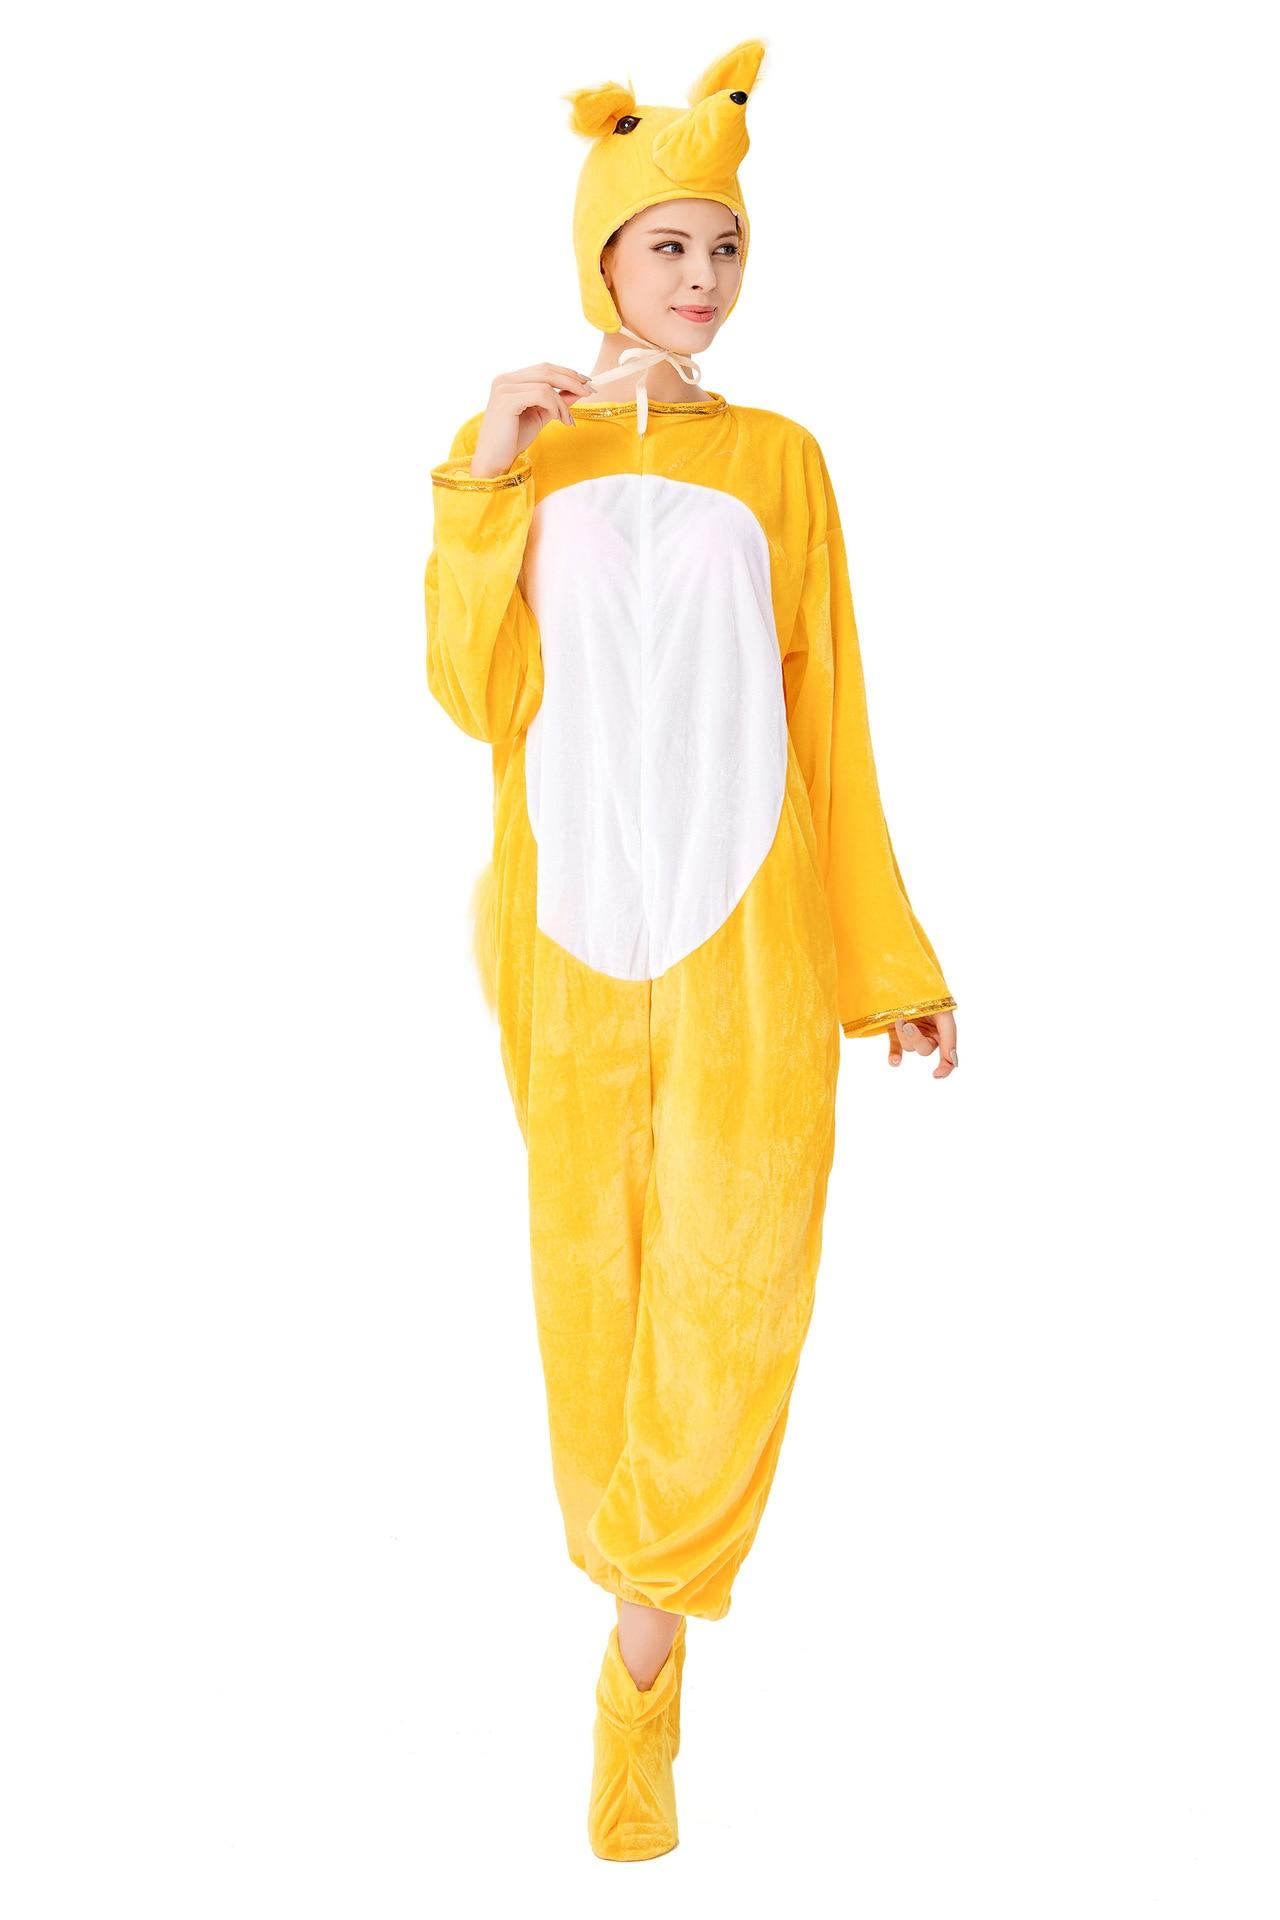 Купить новый костюм животного для взрослых на хэллоуин косплея из трех